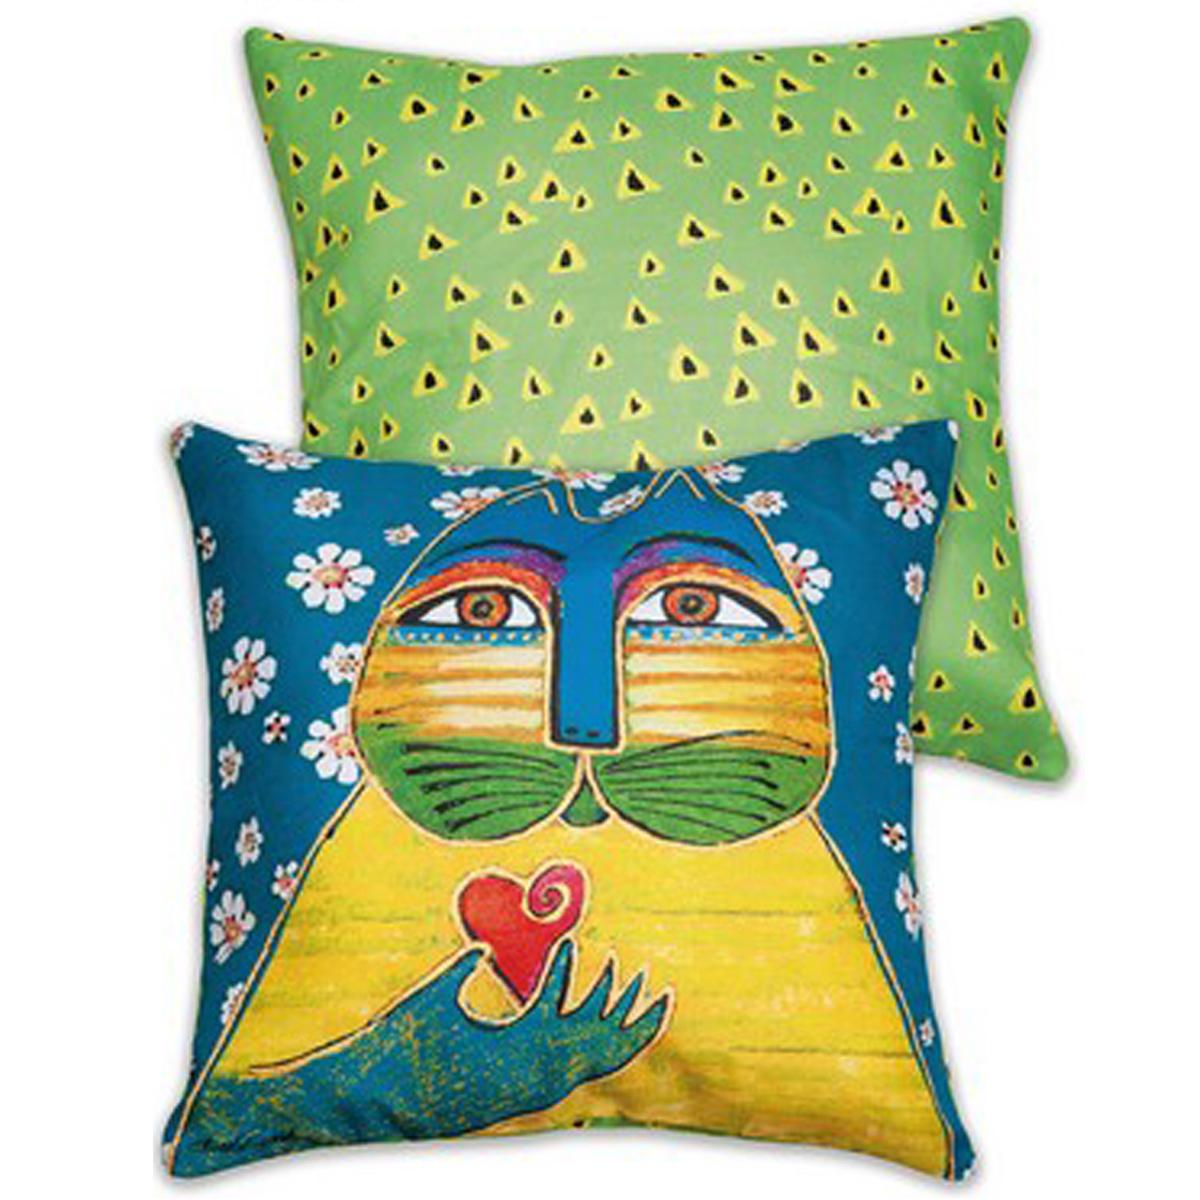 Coussin créateur \'Laurel Burch\' bleu jaune (chats) - 45x45 cm - [A2667]